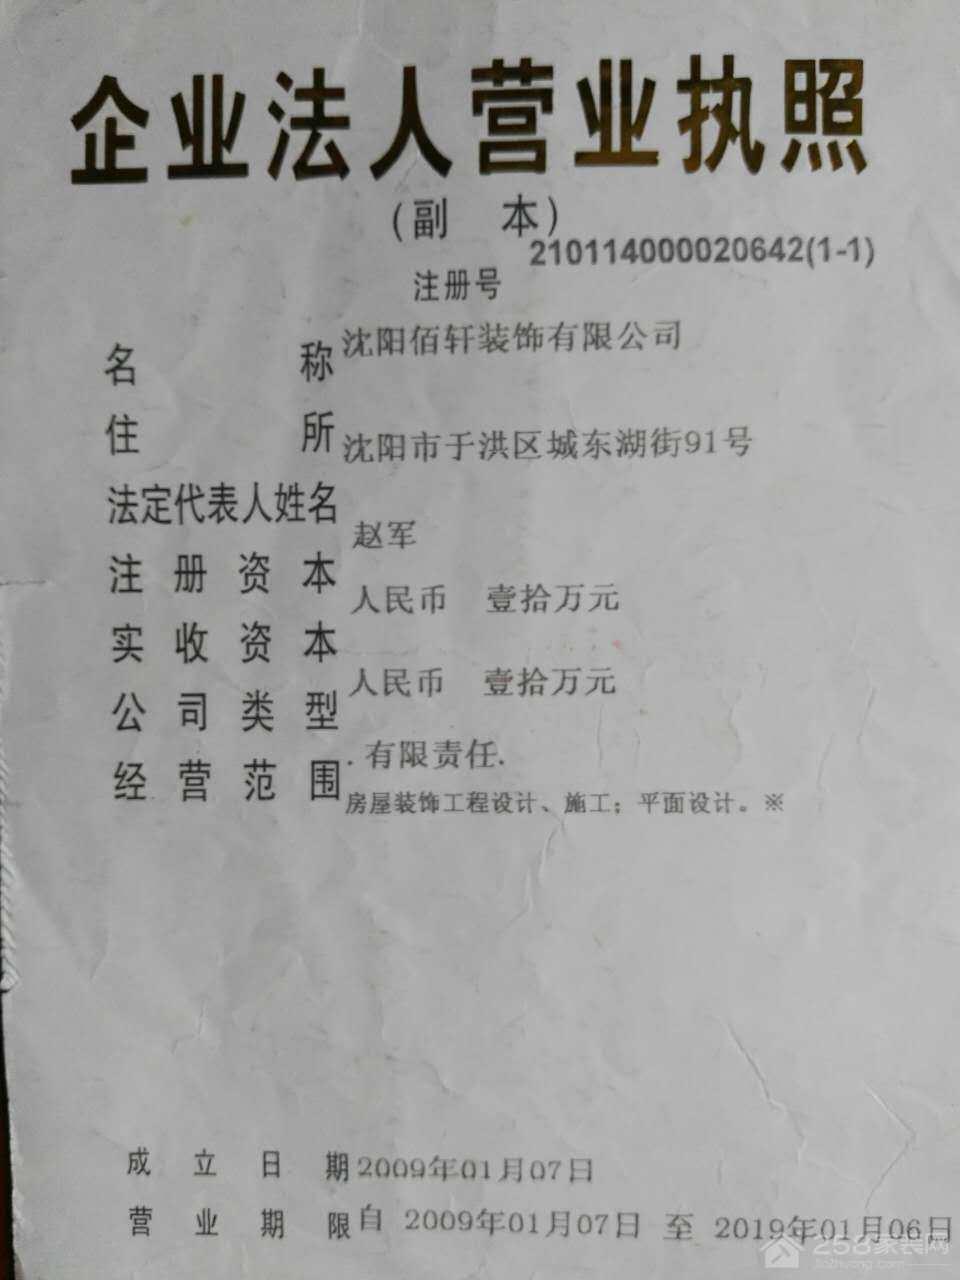 沈阳蓝海装饰集团有限公司